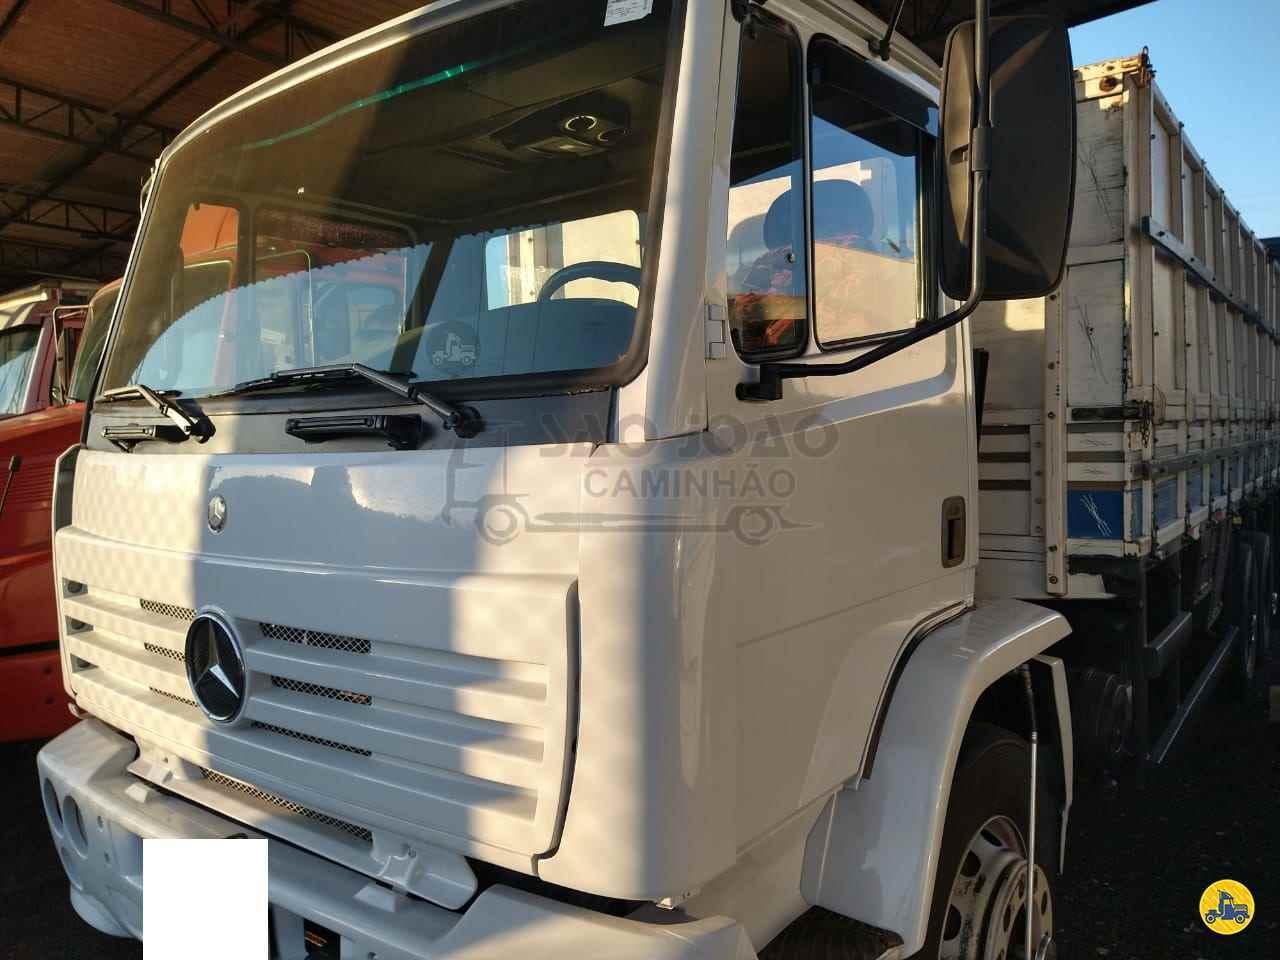 CAMINHAO MERCEDES-BENZ MB 1420 Graneleiro Truck 6x2 São João Caminhão SAO JOAO DA BOA VISTA SÃO PAULO SP